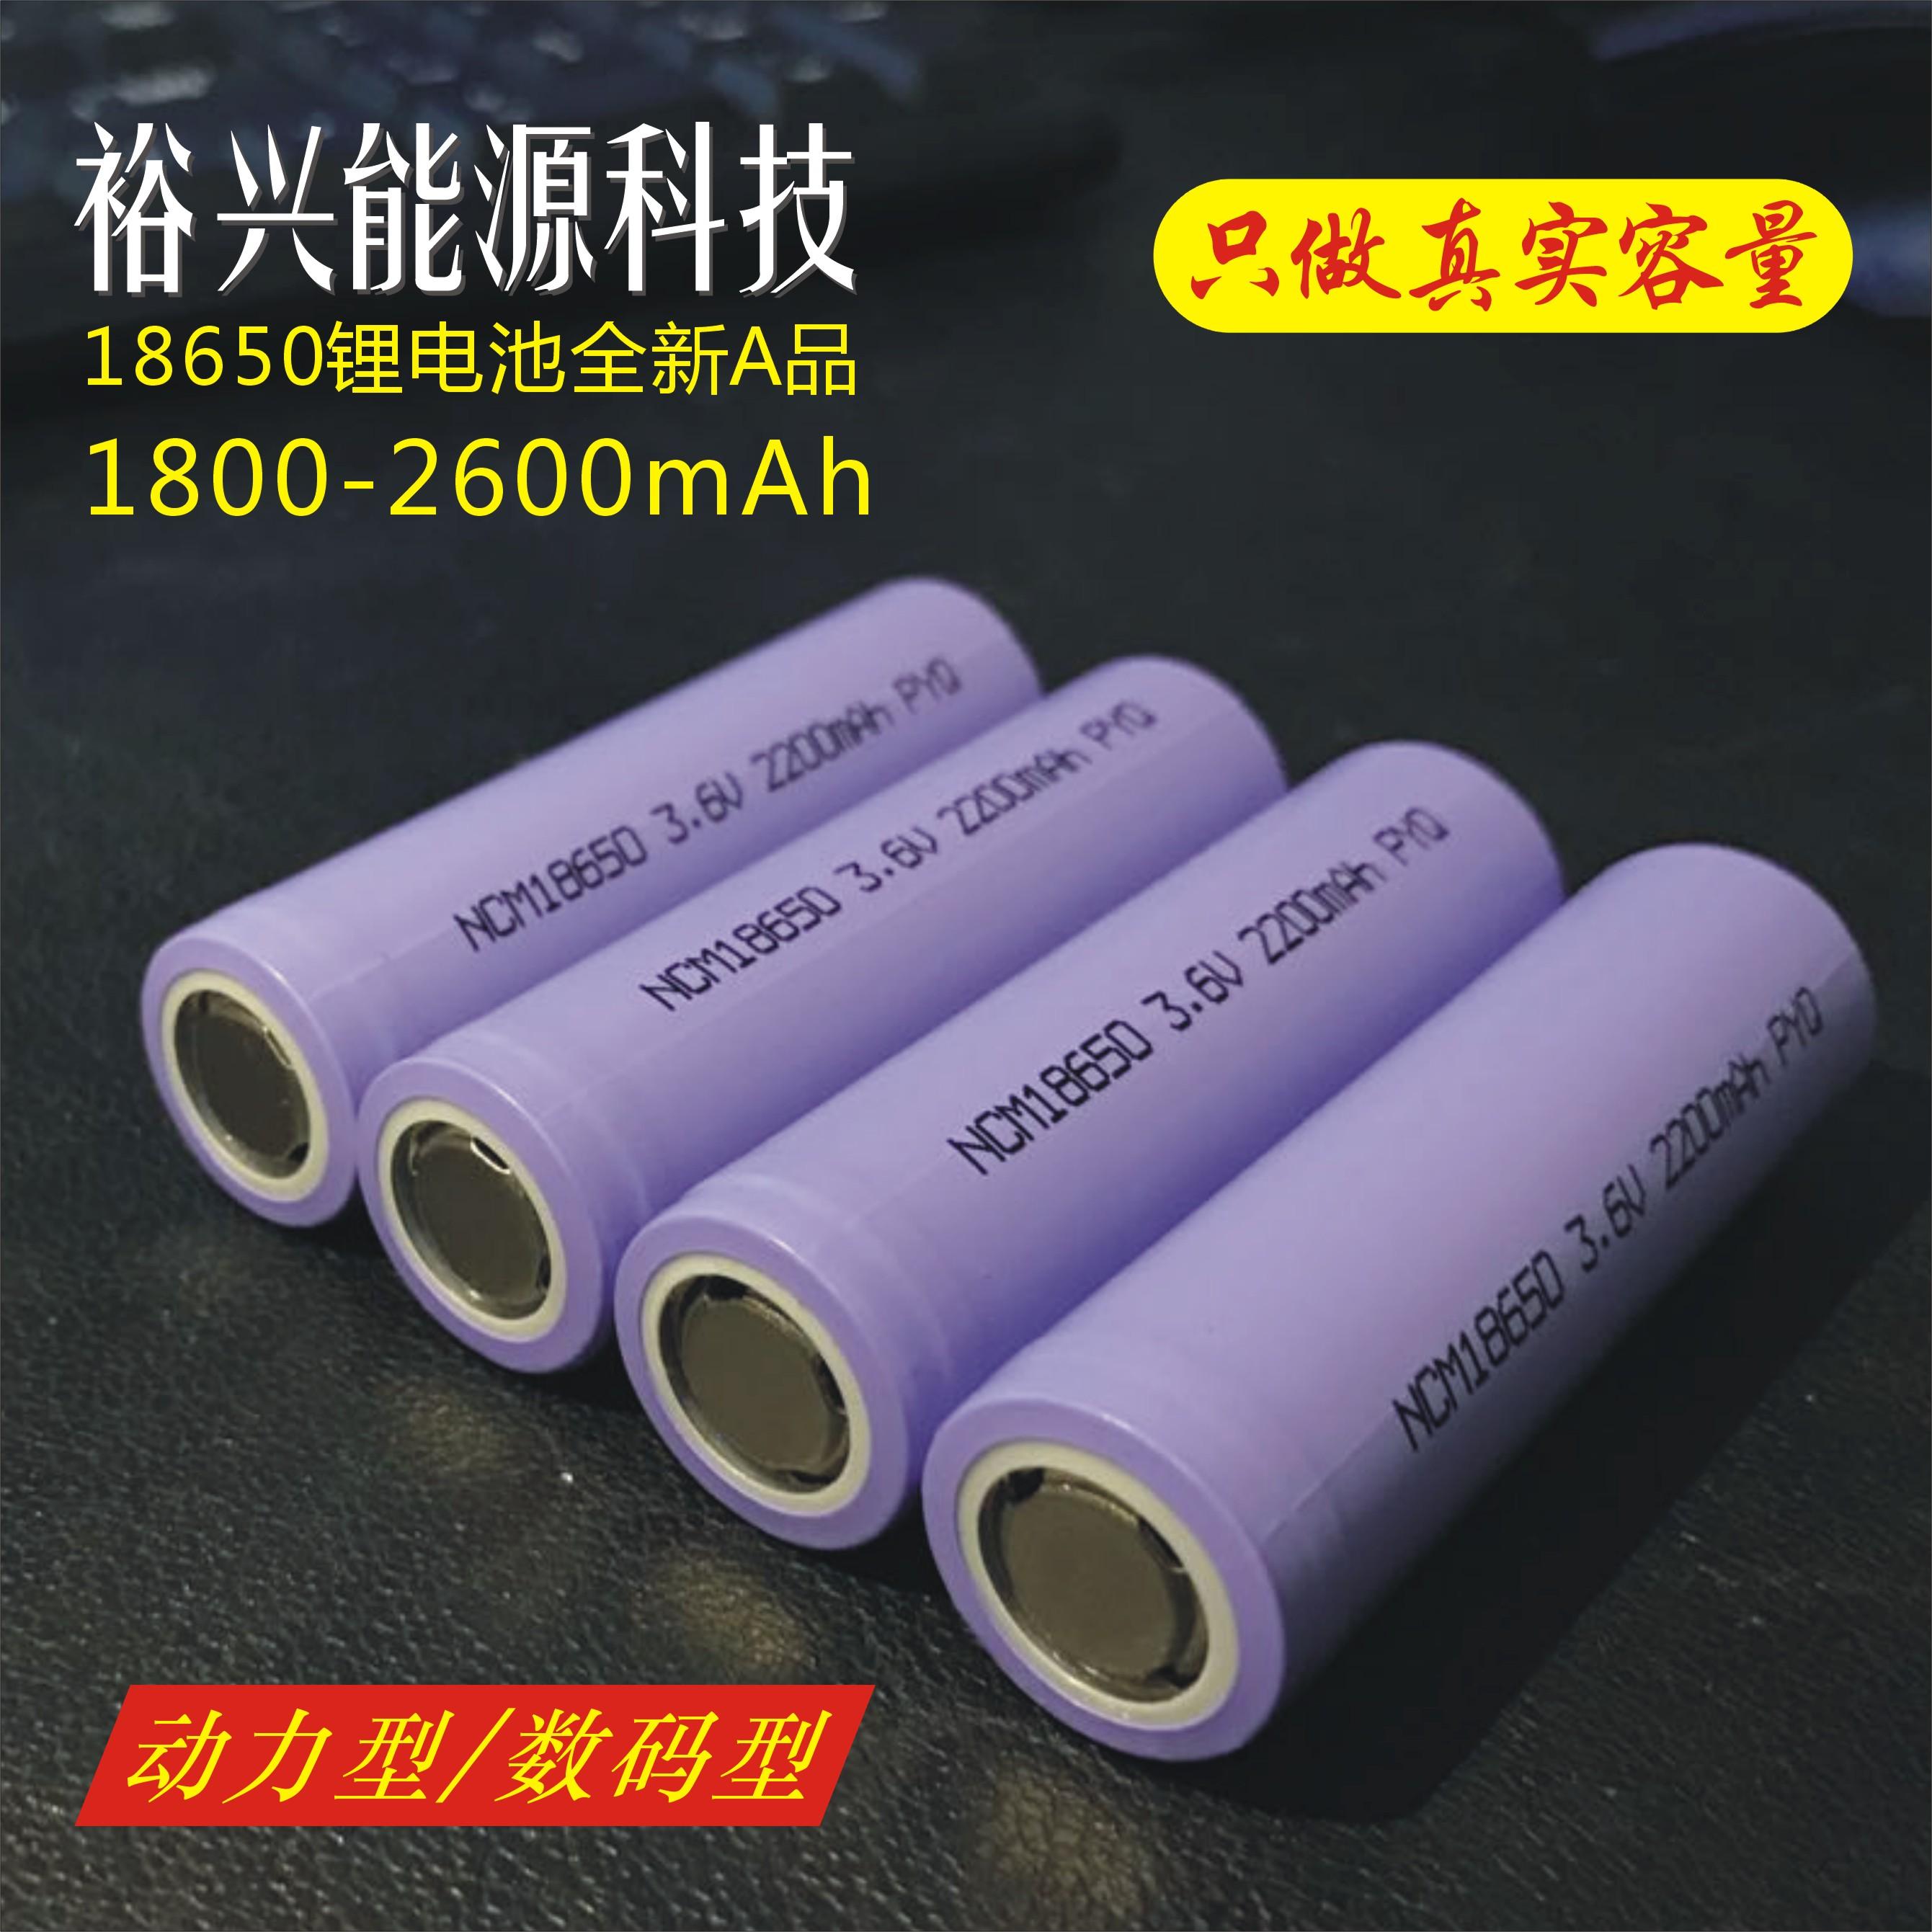 Совершенно новый A статья 18650 литиевые батареи, зарядки мощность тип цифровой тип 1800-2600mAh сокровища электрический аккумулятор